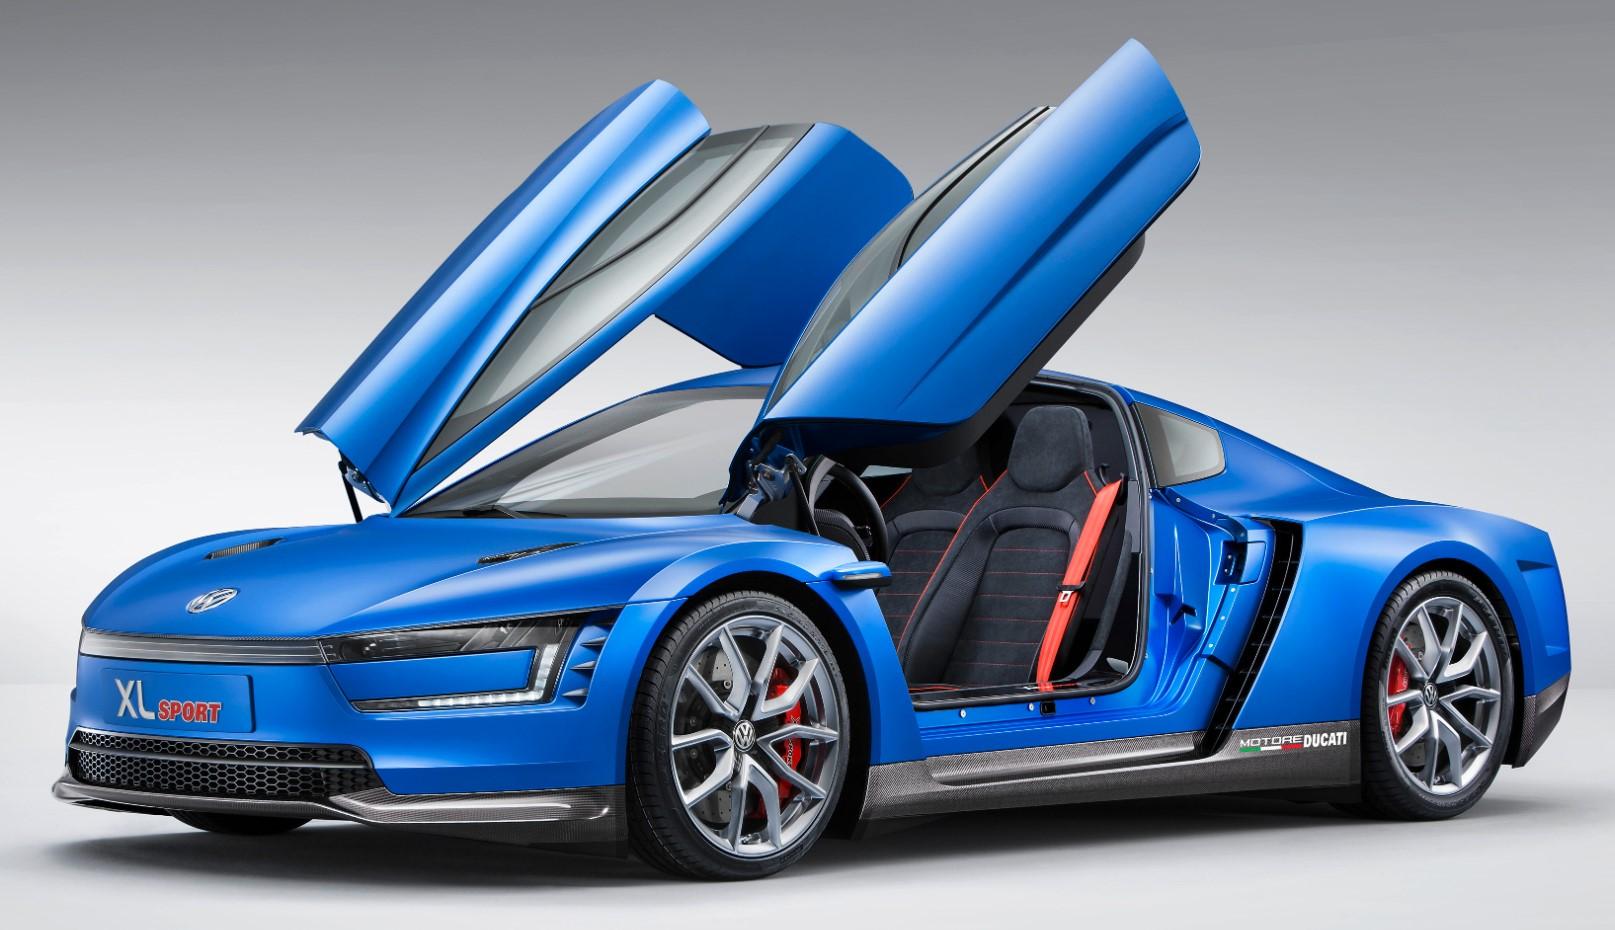 The 2014 XL Sport supercar prototype